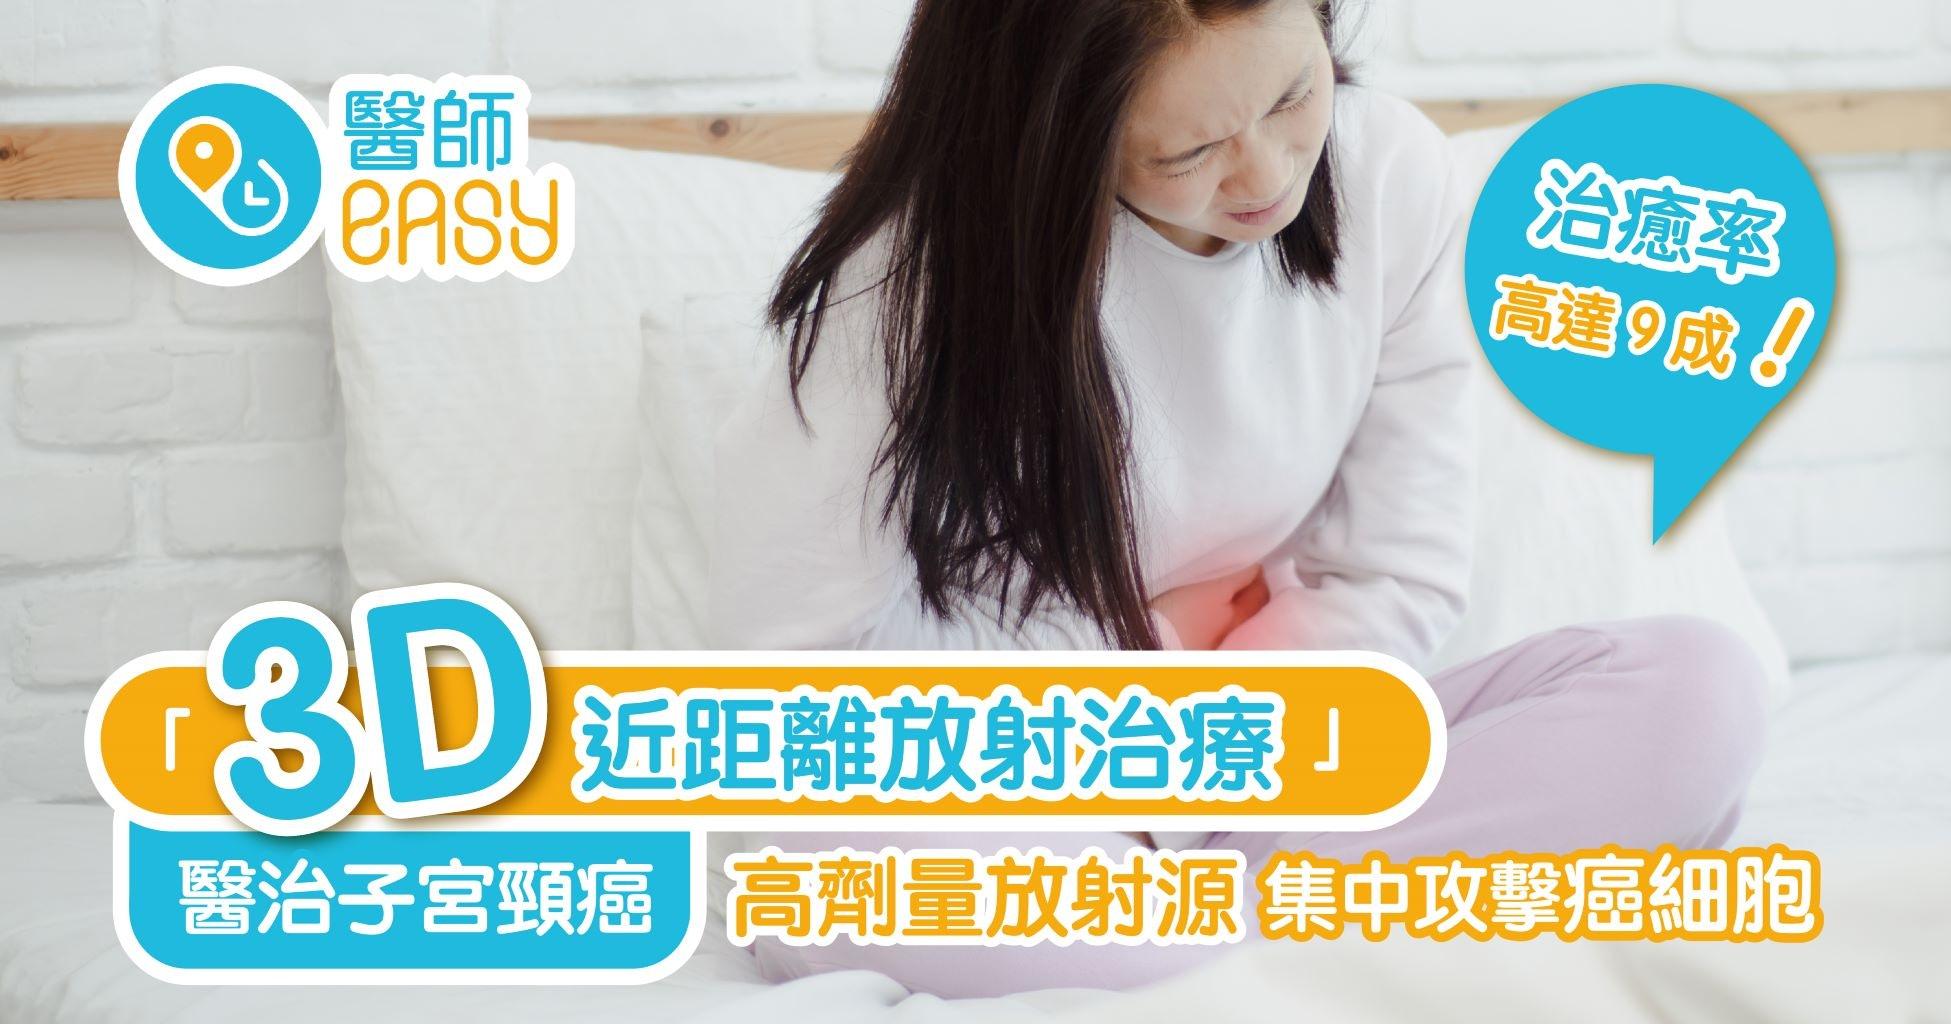 【子宮頸癌】3D近距離放射治療 副作用少存活率高